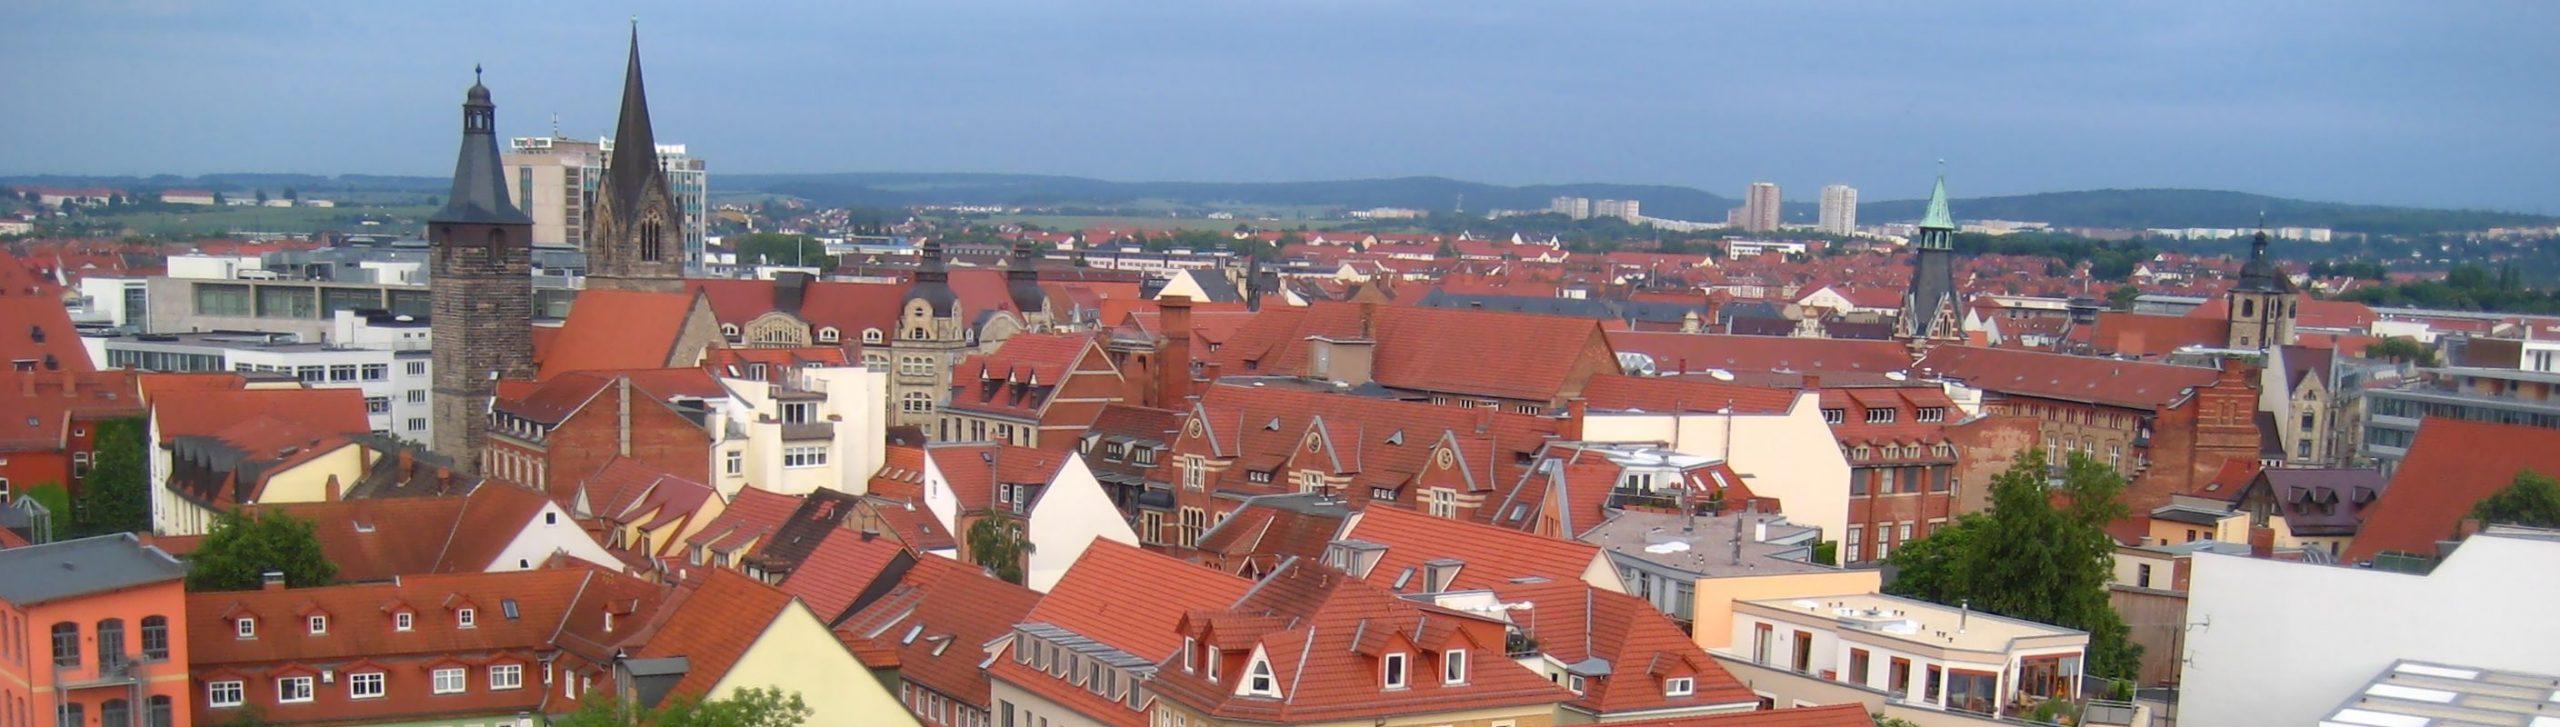 Erfurt Altstadt Daecher scaled -